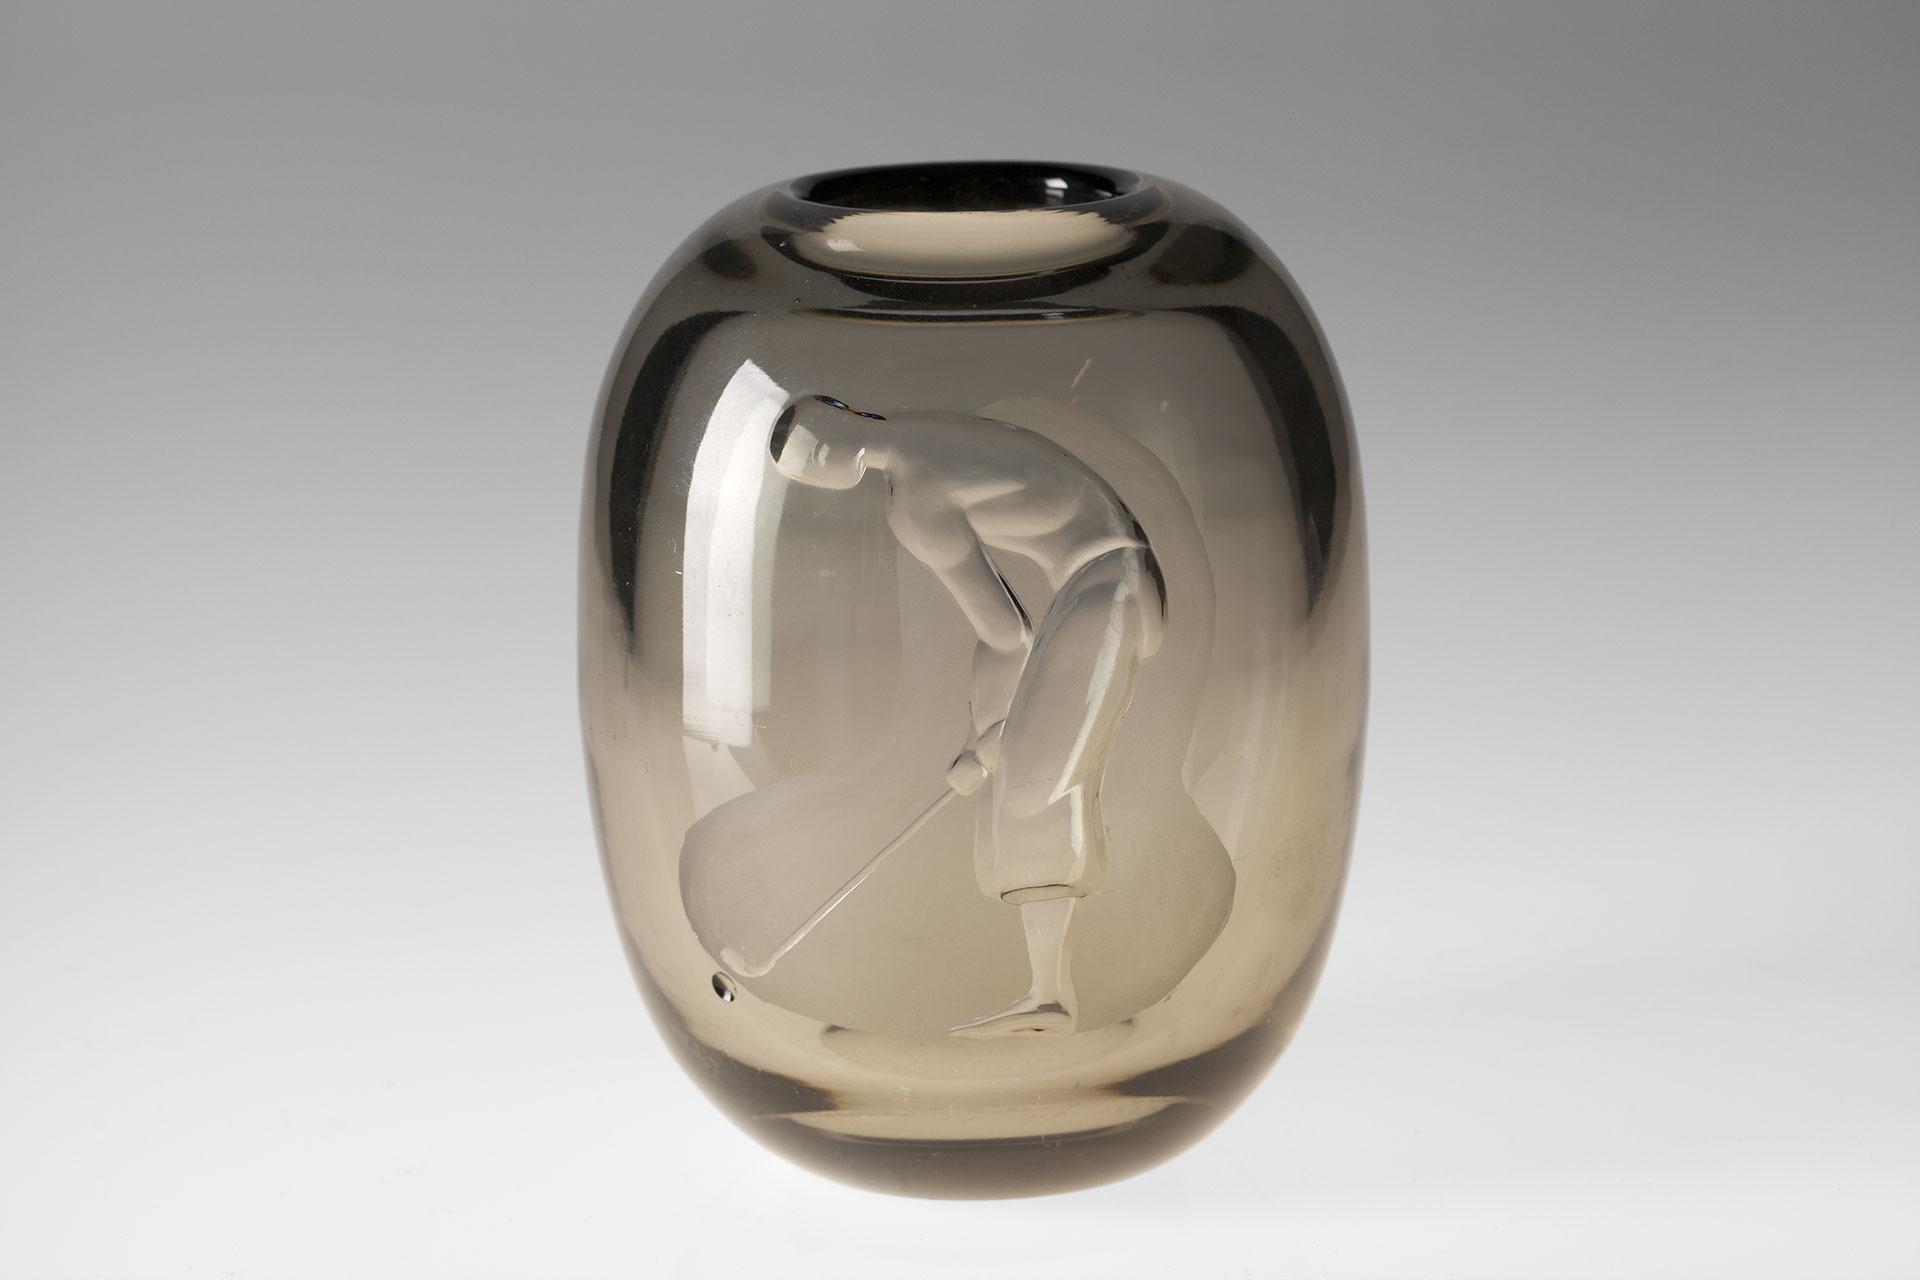 Jacksons Engraved Vase Vicke Lindstrand